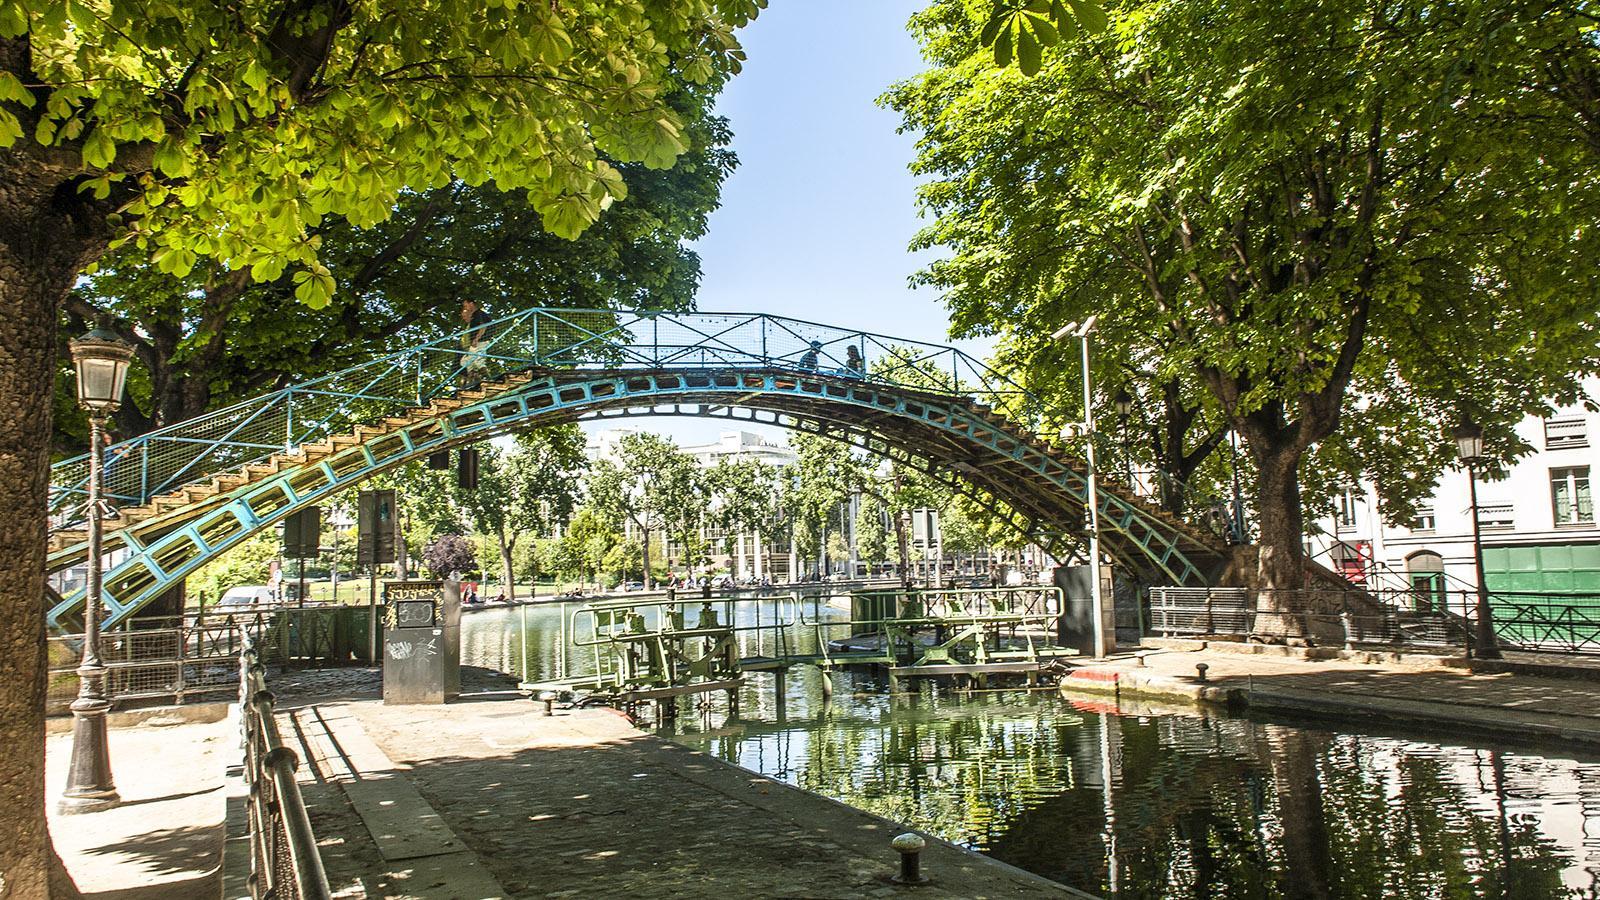 Wunderschön: die historischen Brücken über den Canal Saint-Martin. Foto: Hilke Maunder